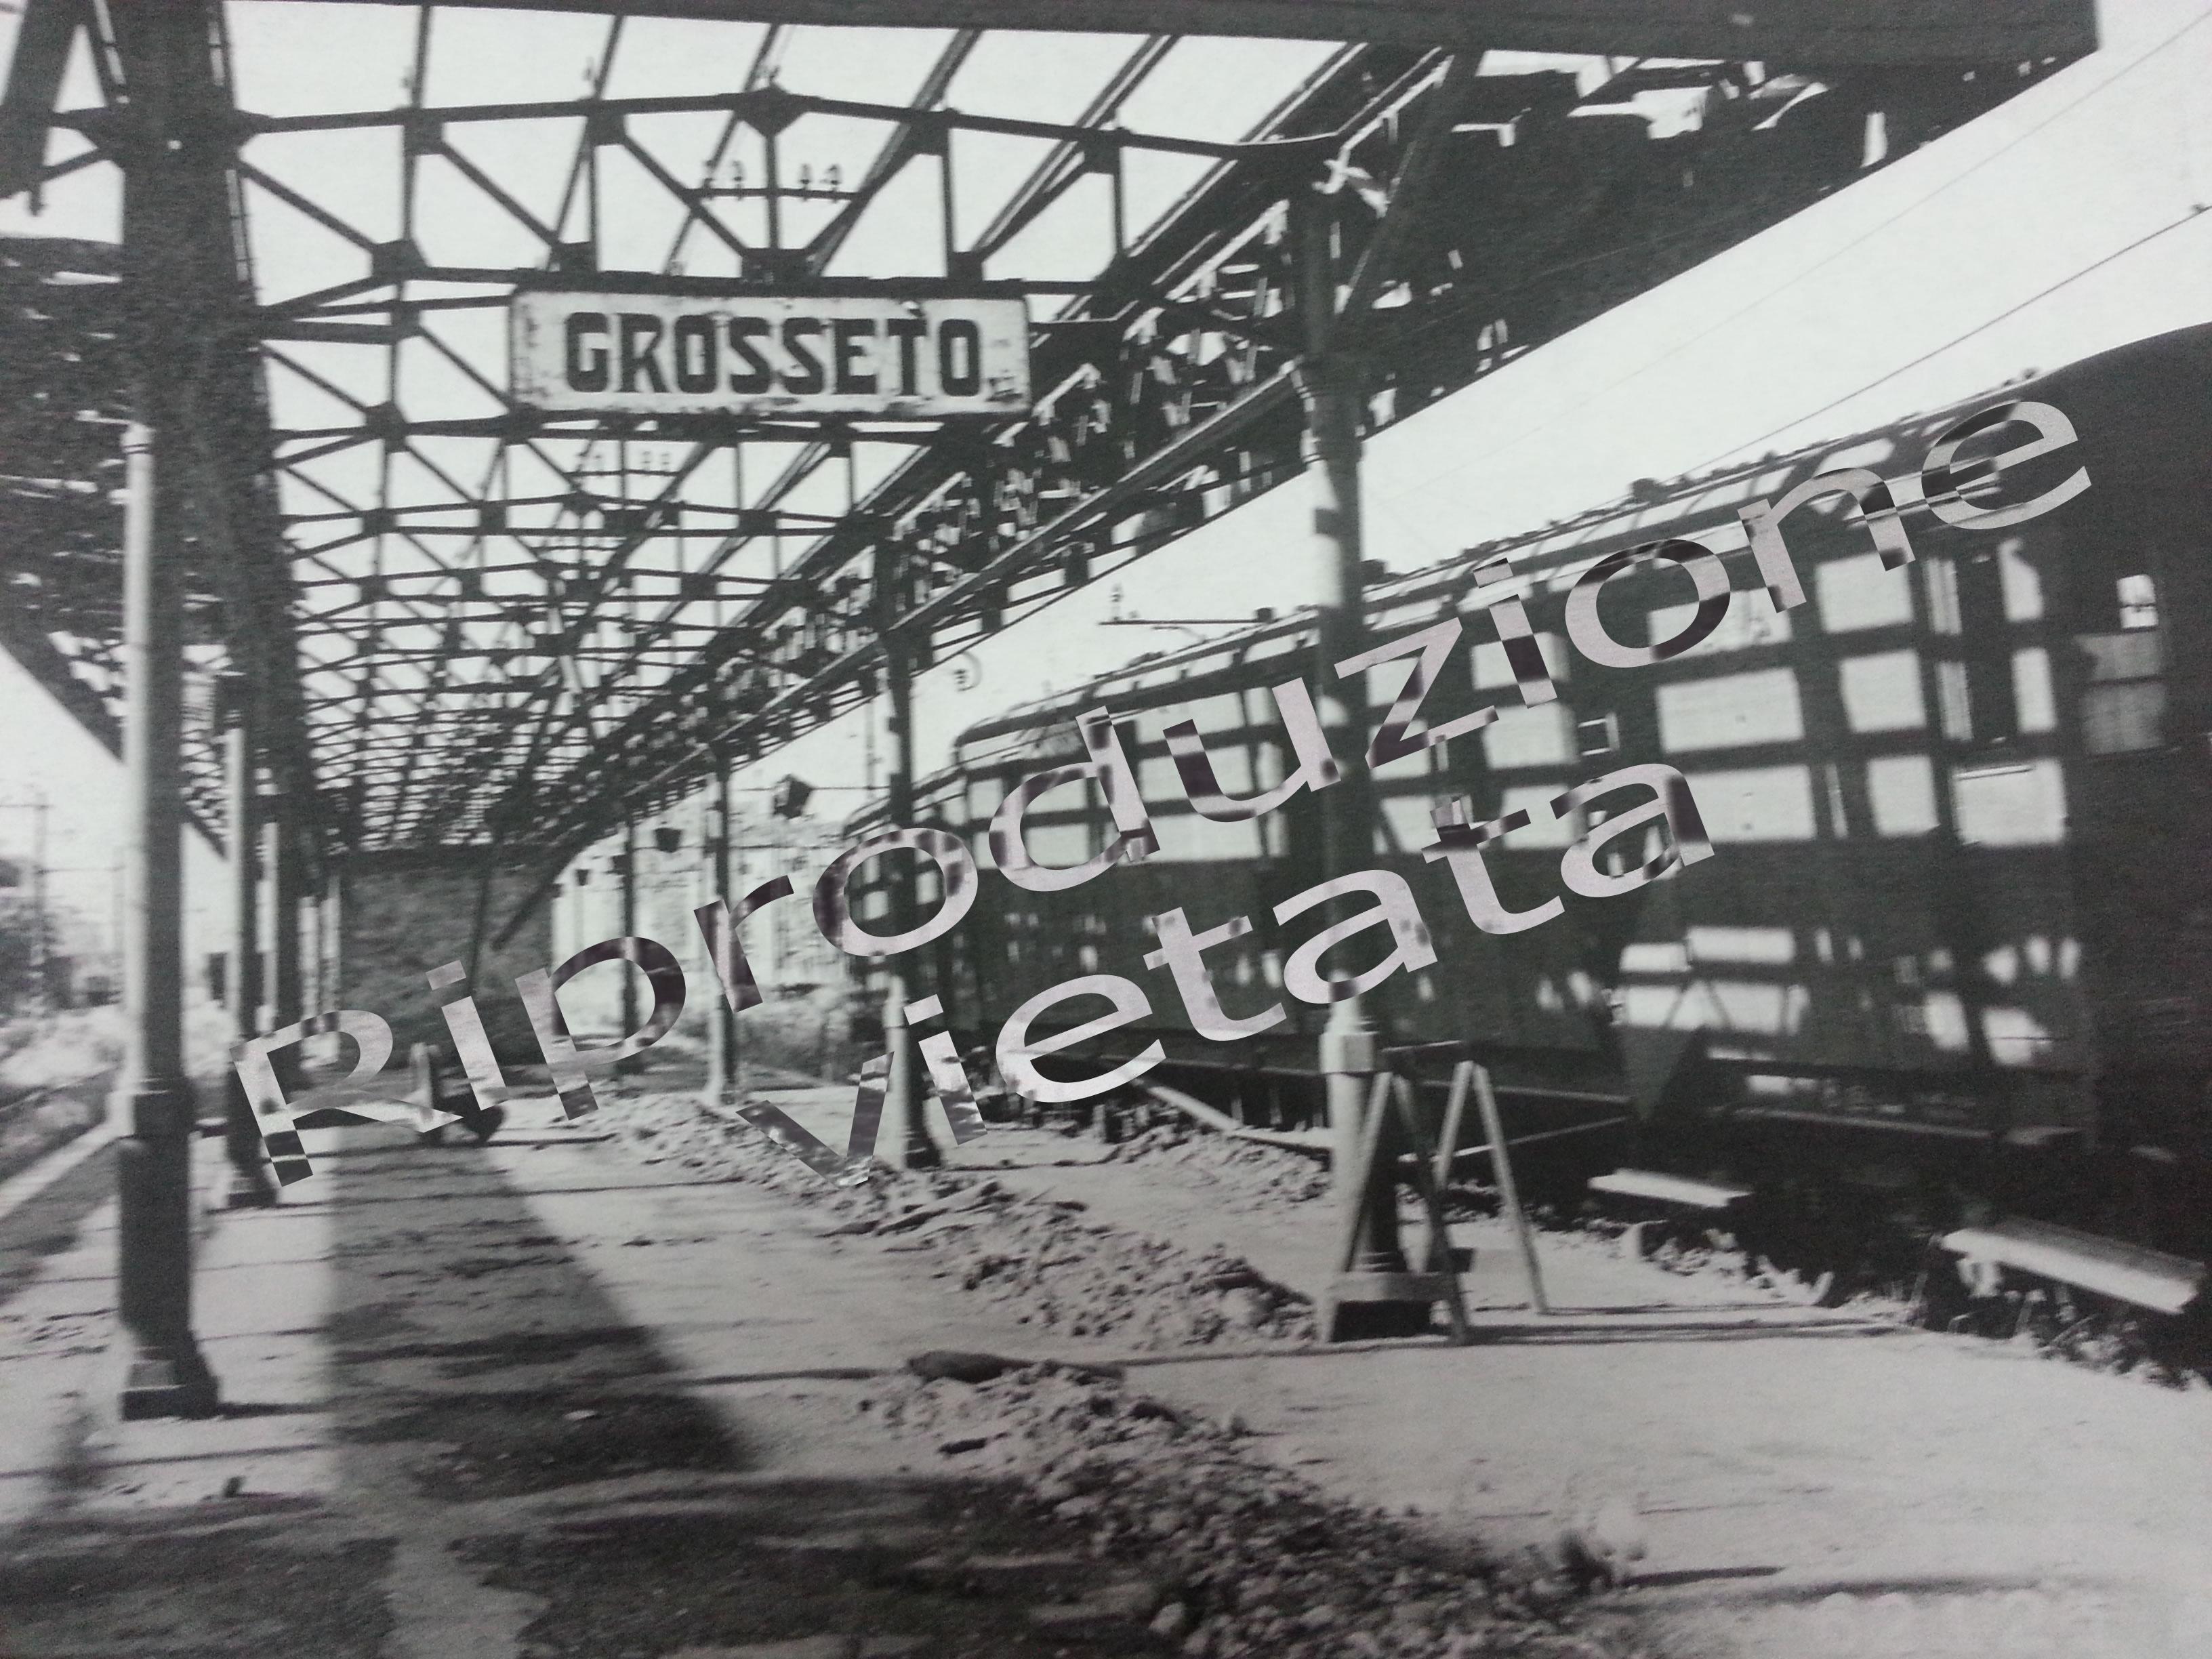 Immagini e documenti sul bombardamento del 26 aprile 1943